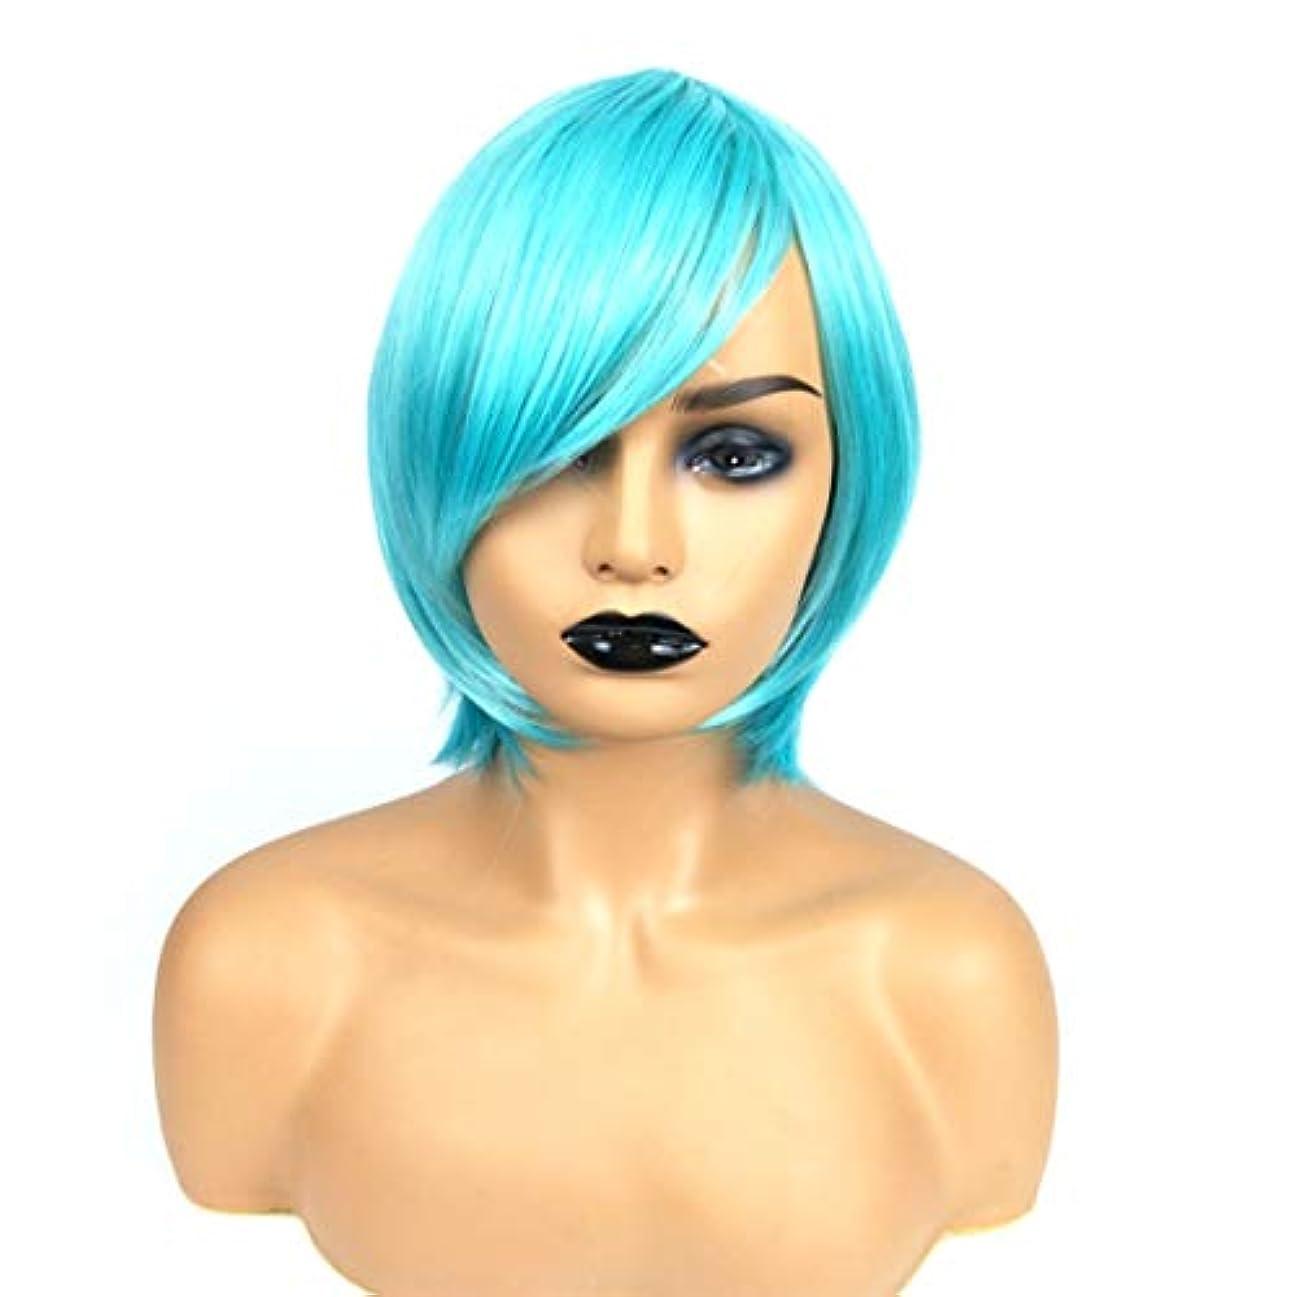 ジャンル火山学キロメートルSummerys ライトブルーのショートストレートヘアショートボブヘアウィッグストレート前髪と女性用